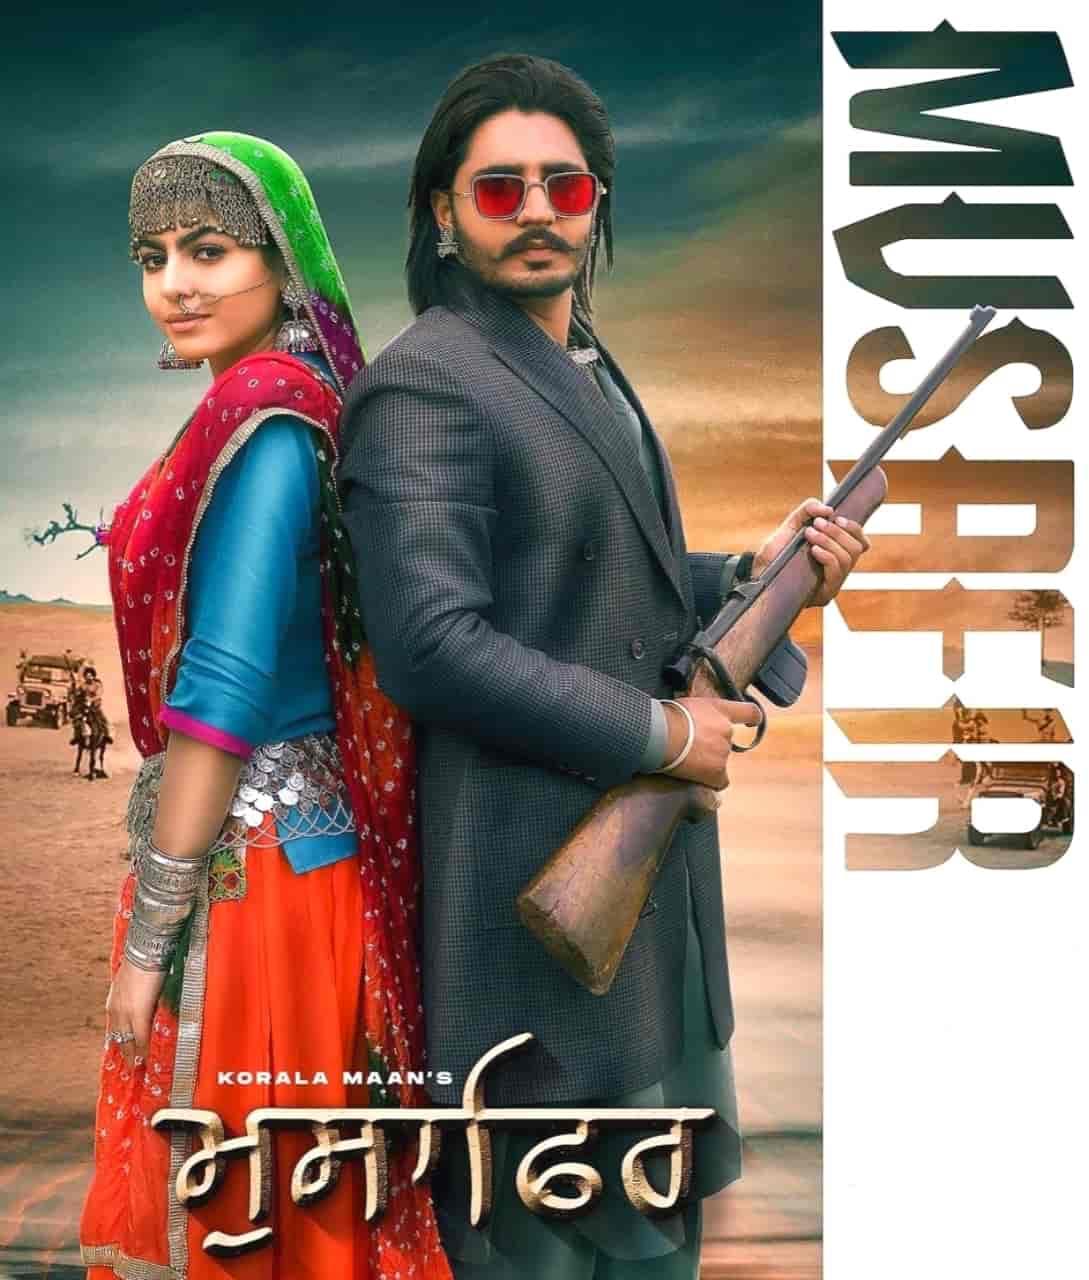 Musafir Punjabi Song Lyrics Korala Maan